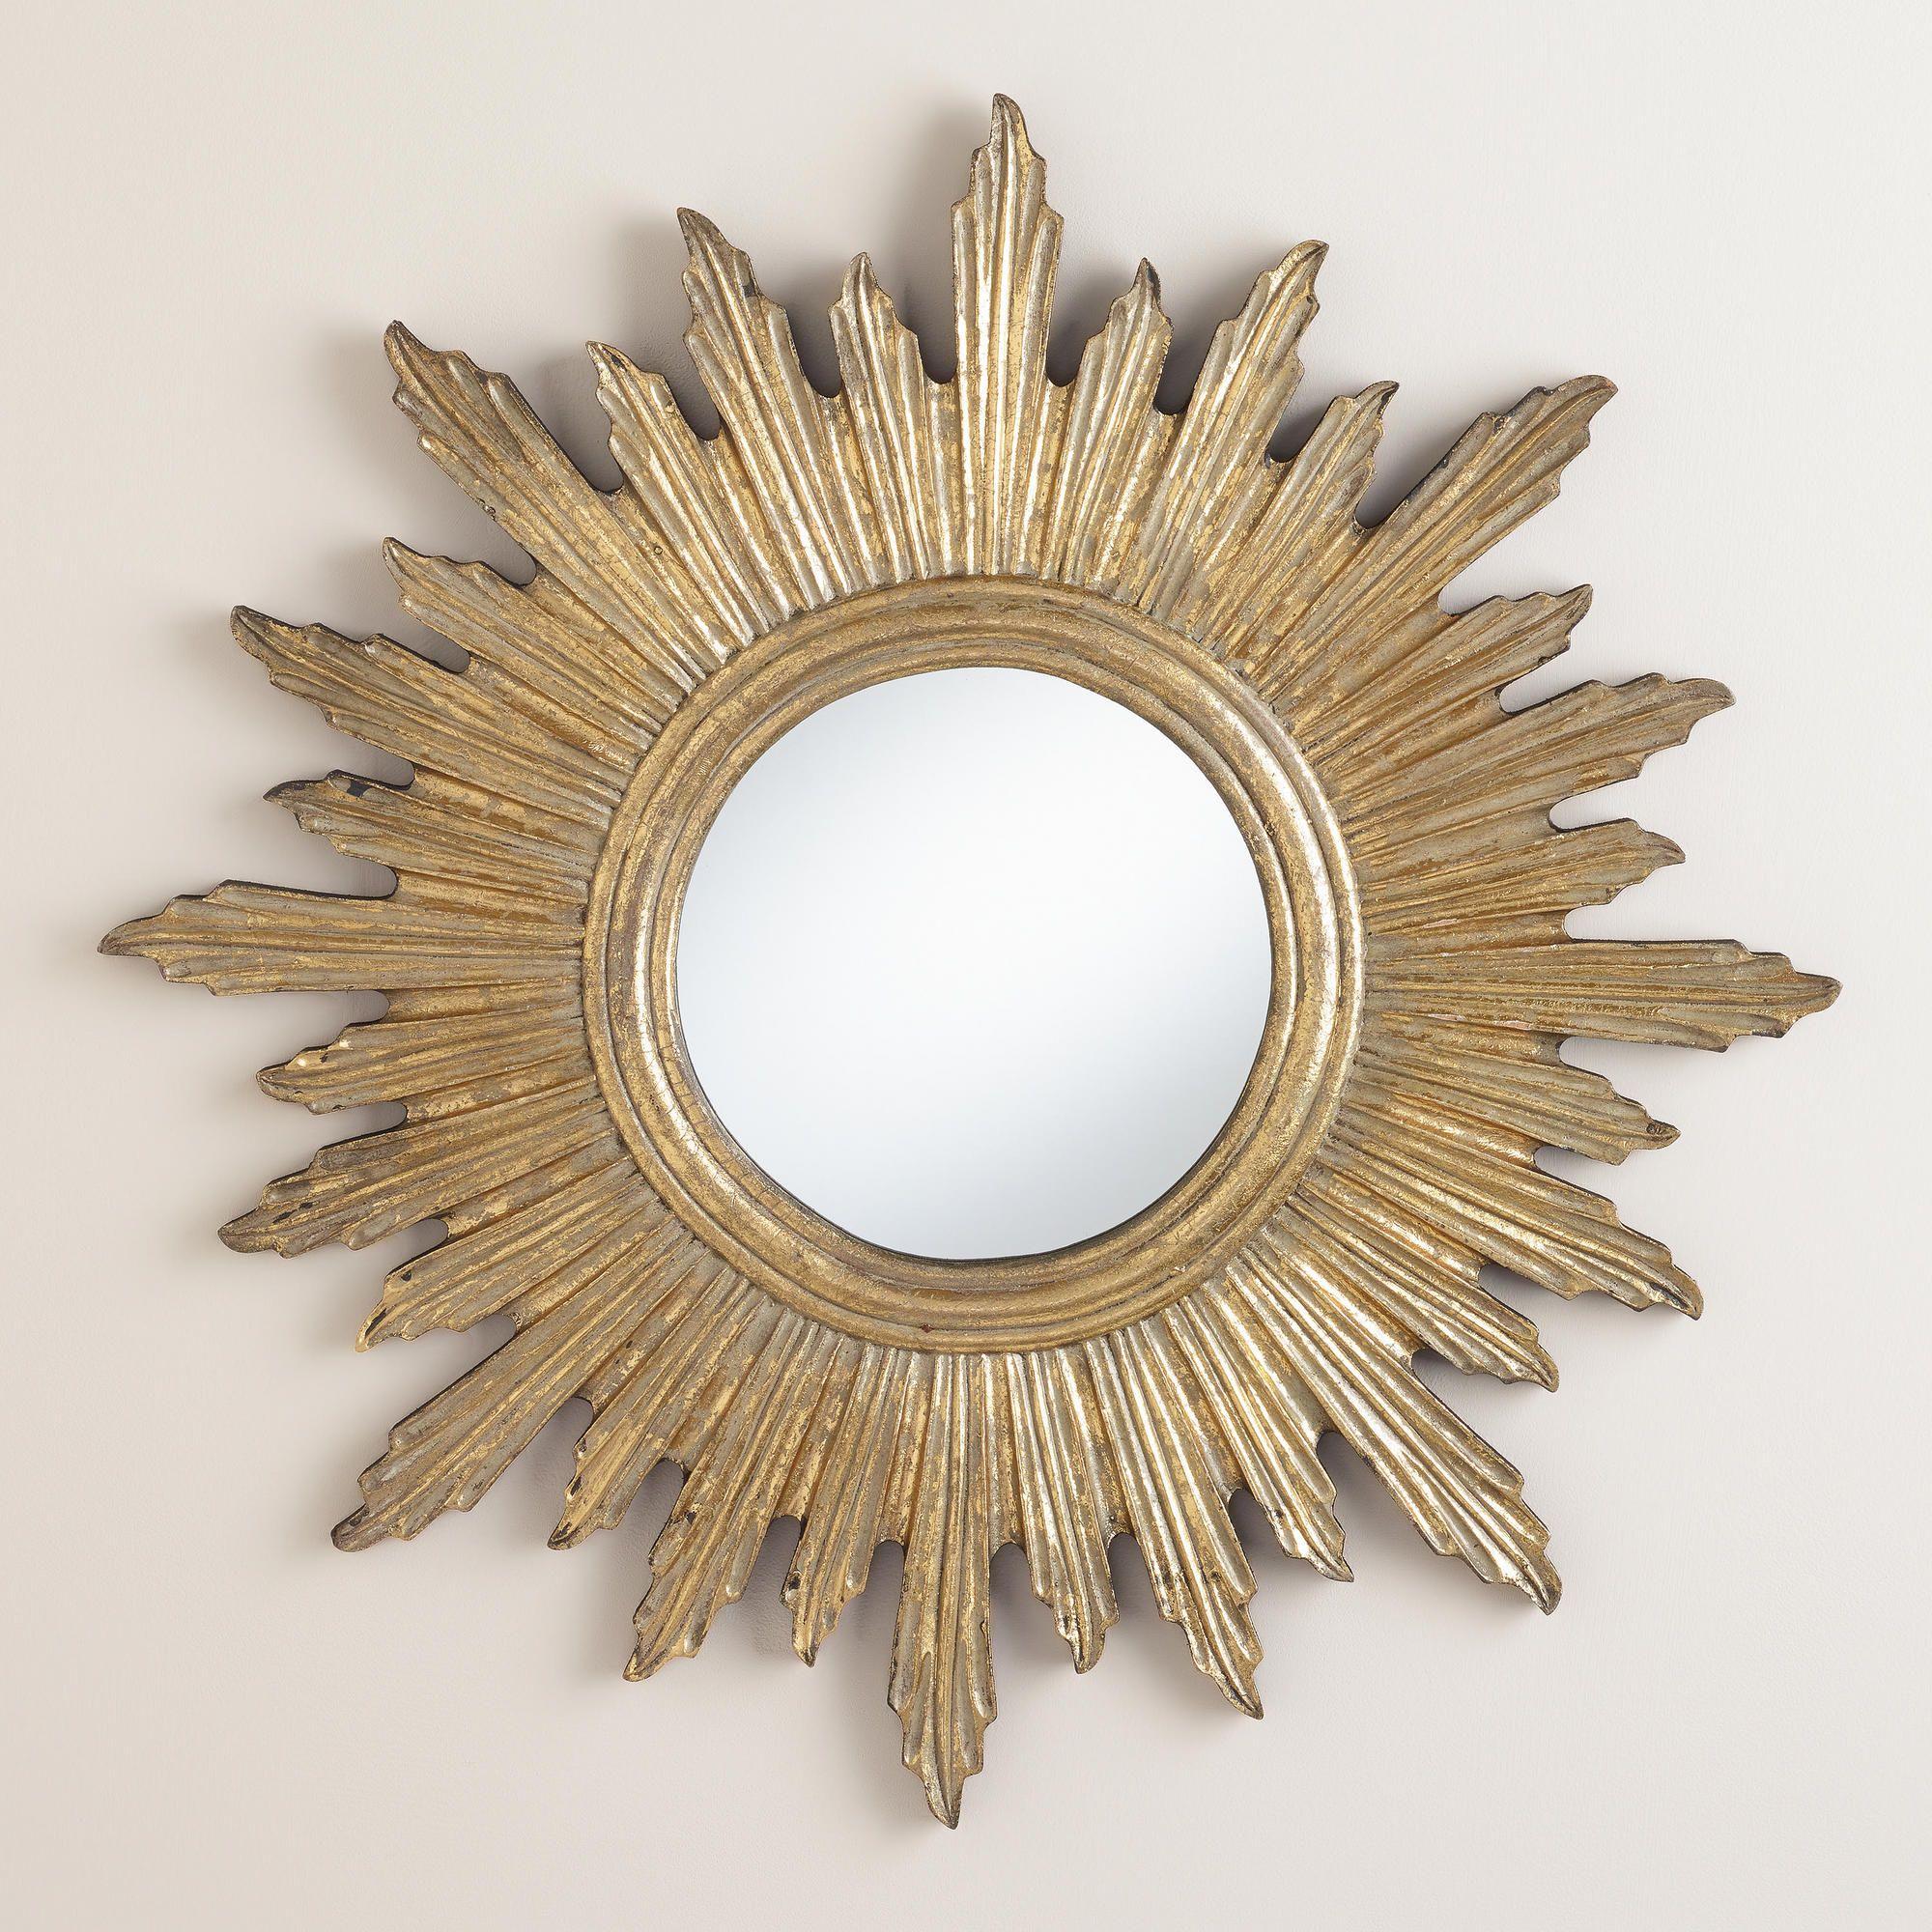 Large Antique Gold Leila Sunburst Mirror Sunburst Mirror Gold Sunburst Mirror Sunburst